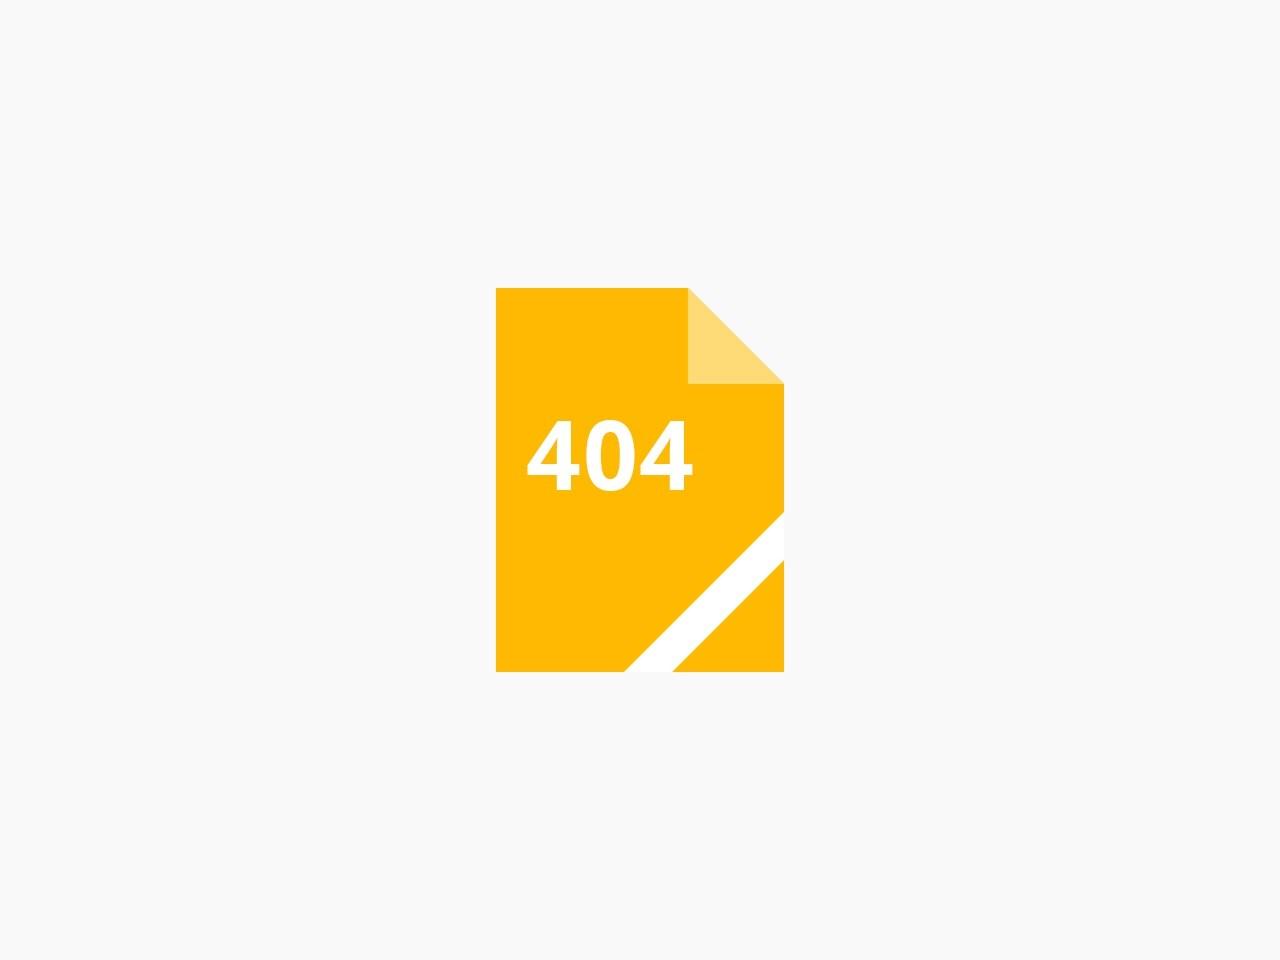 不用品 買取 回収 千代田区 中央区 渋谷区 首都圏リサイクルワークス 厨房機器 オフィス家具 OA機器